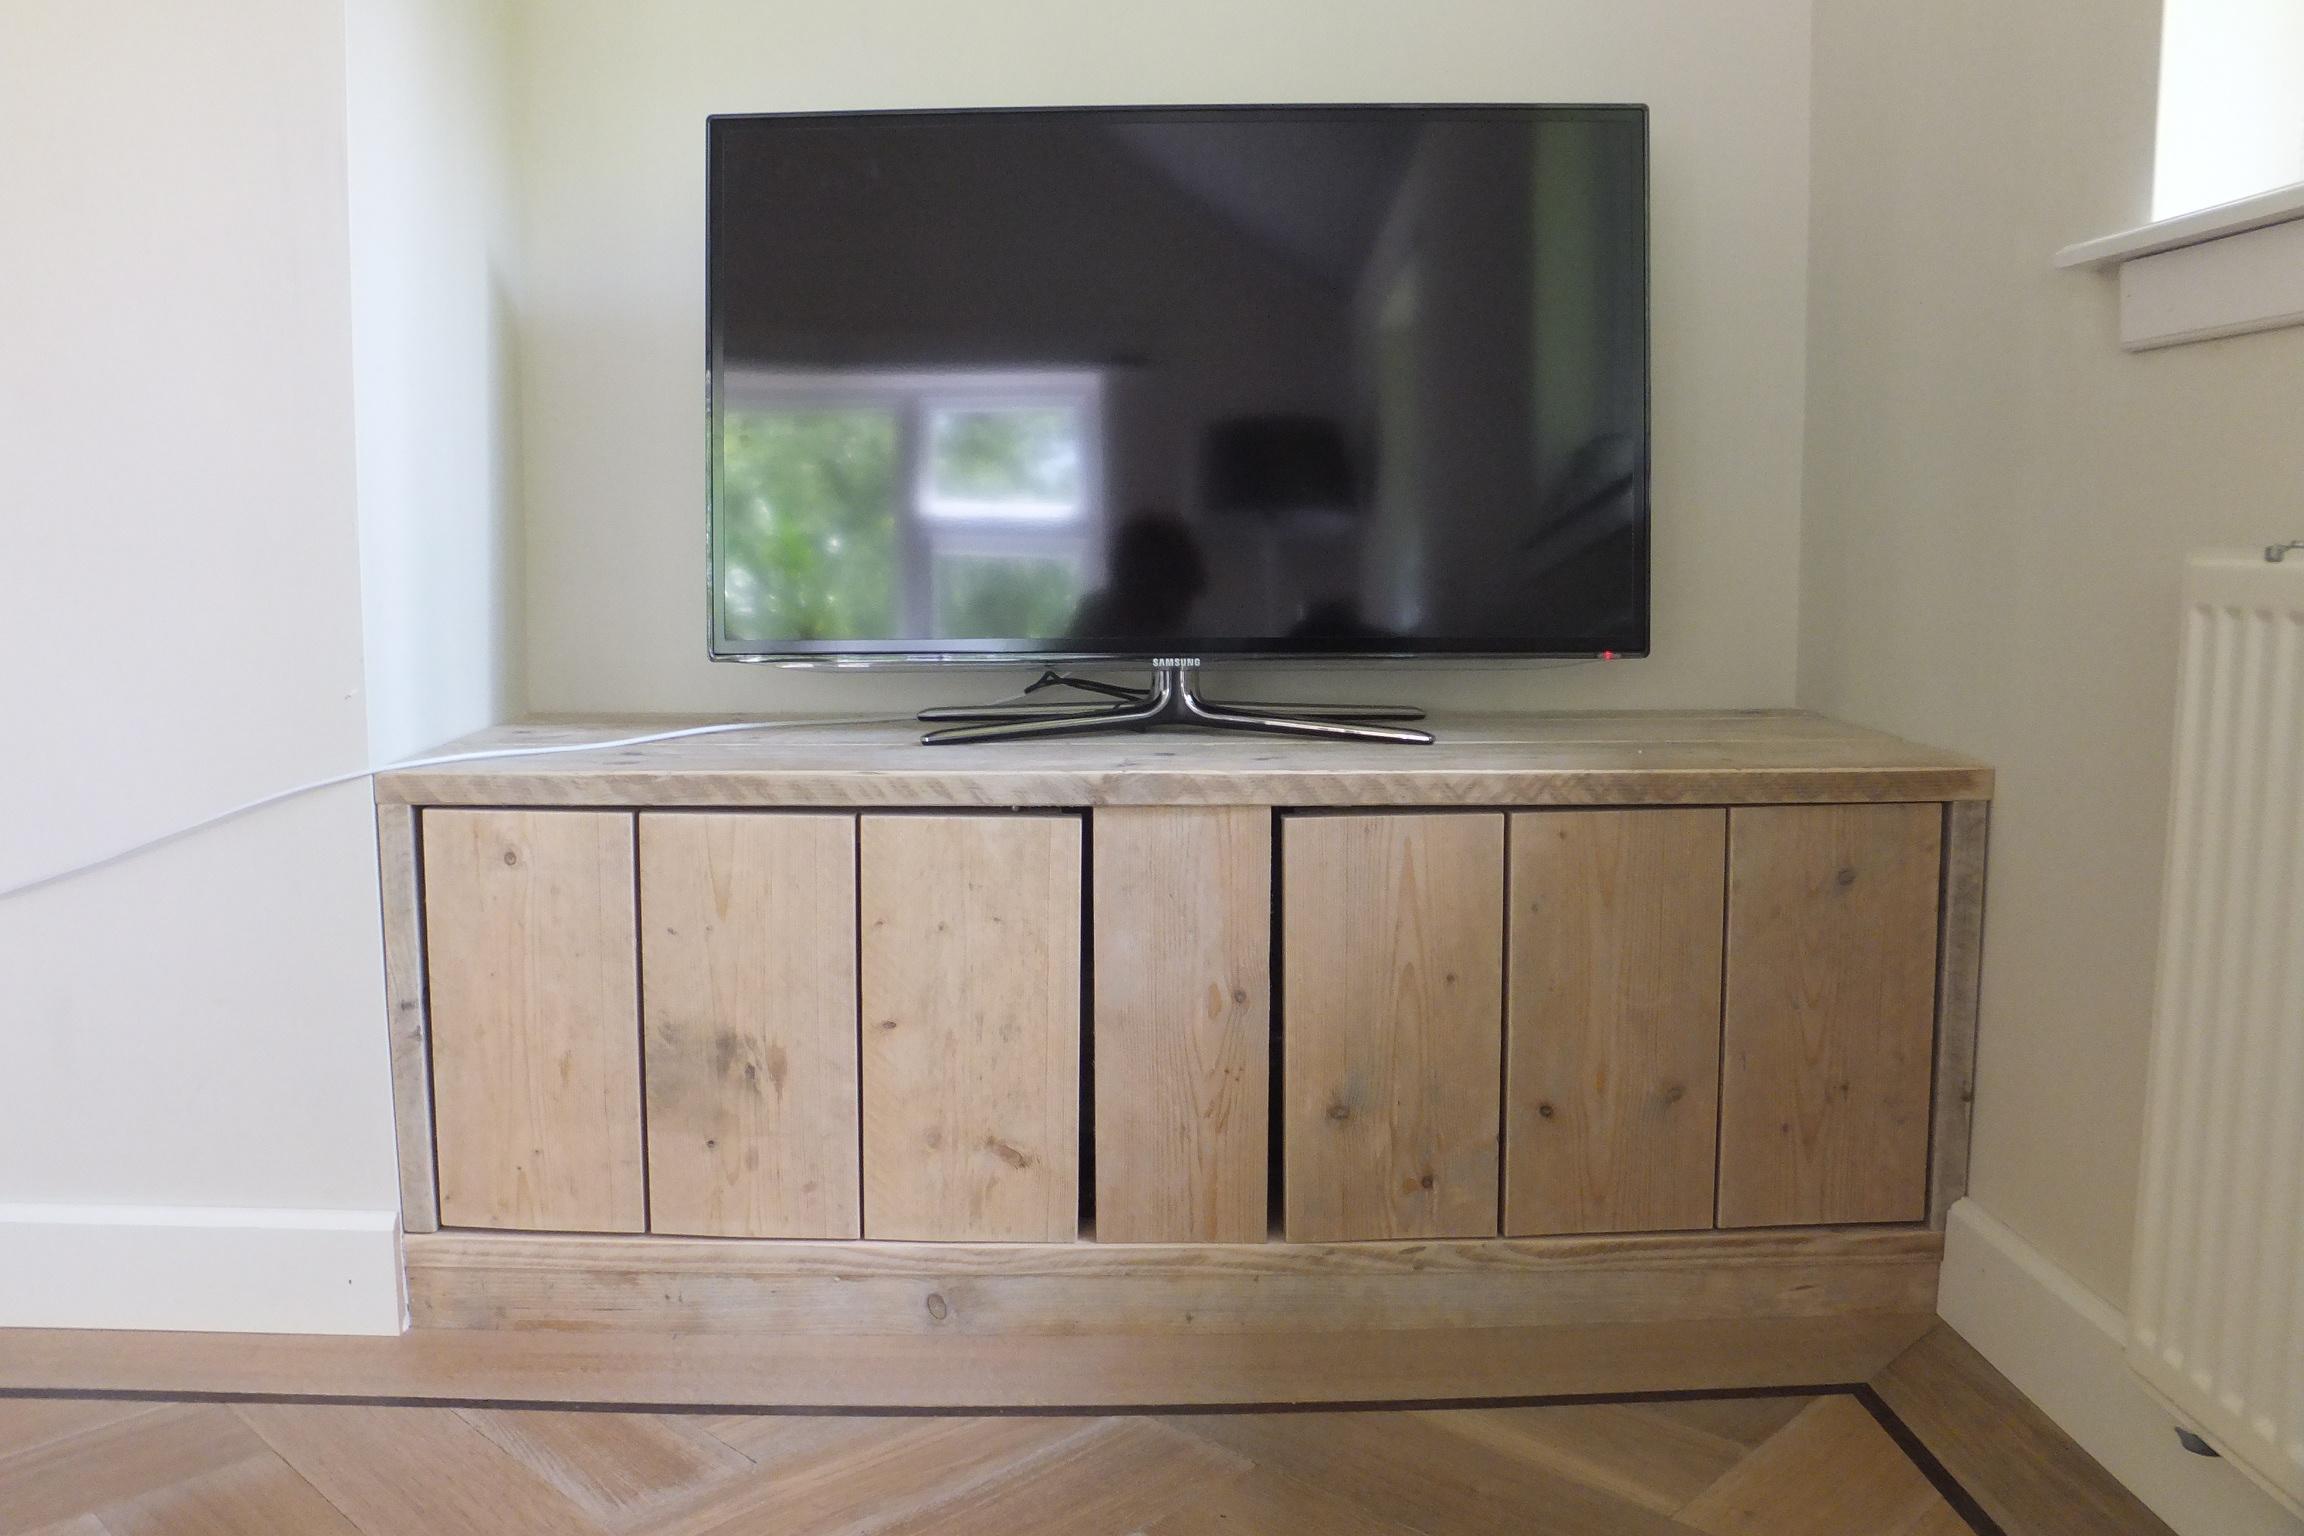 Steigerhouten inbouwkast audio/lcd - jl-meubelmaatwerk